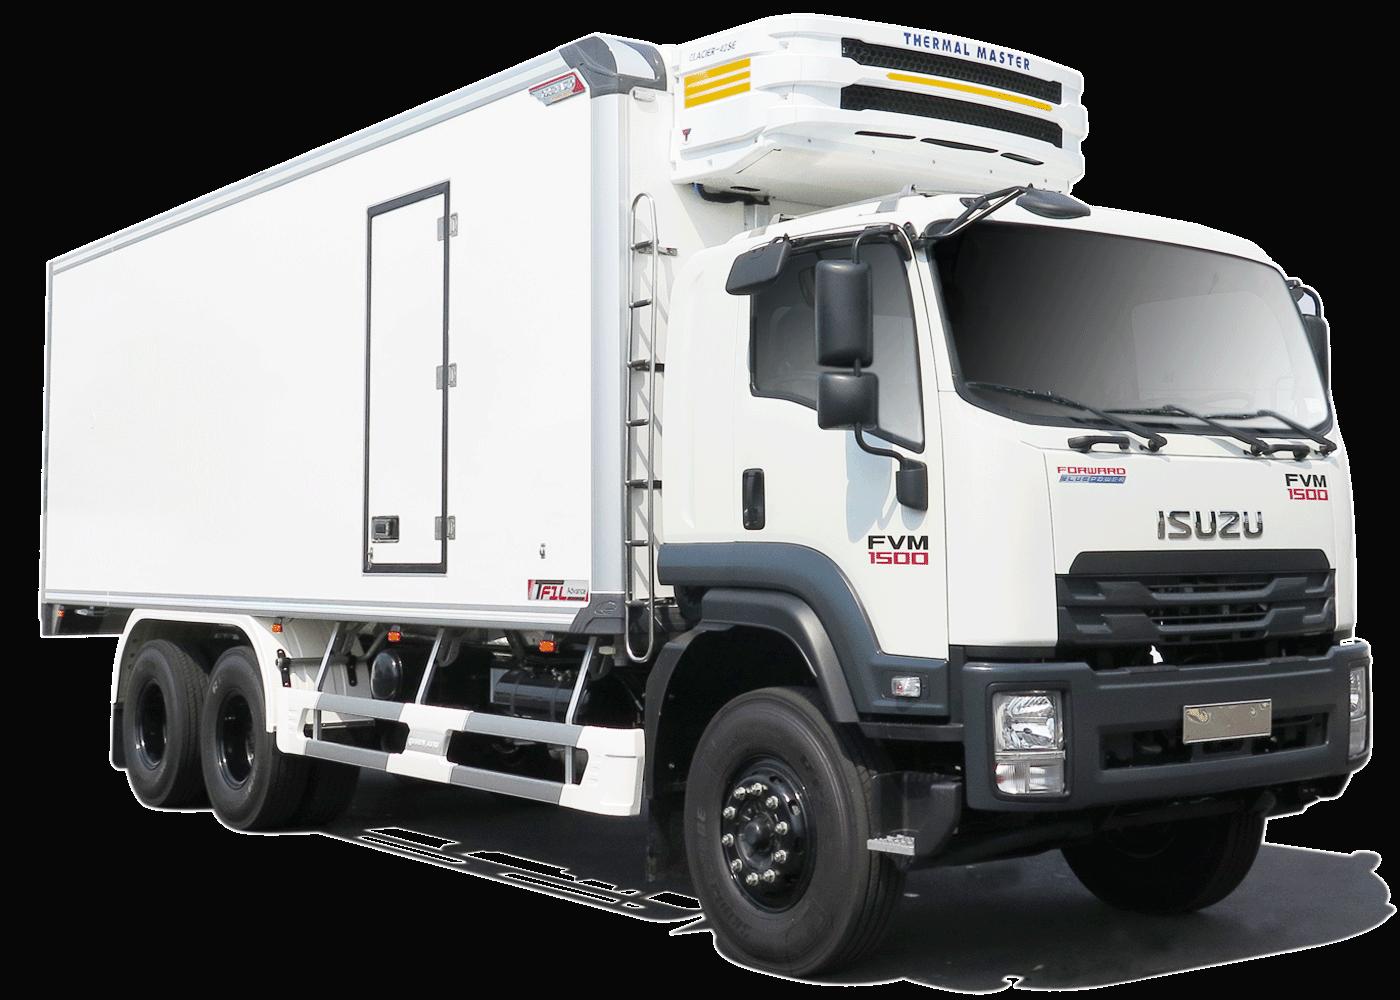 xe tải isuzu FVM-DLT